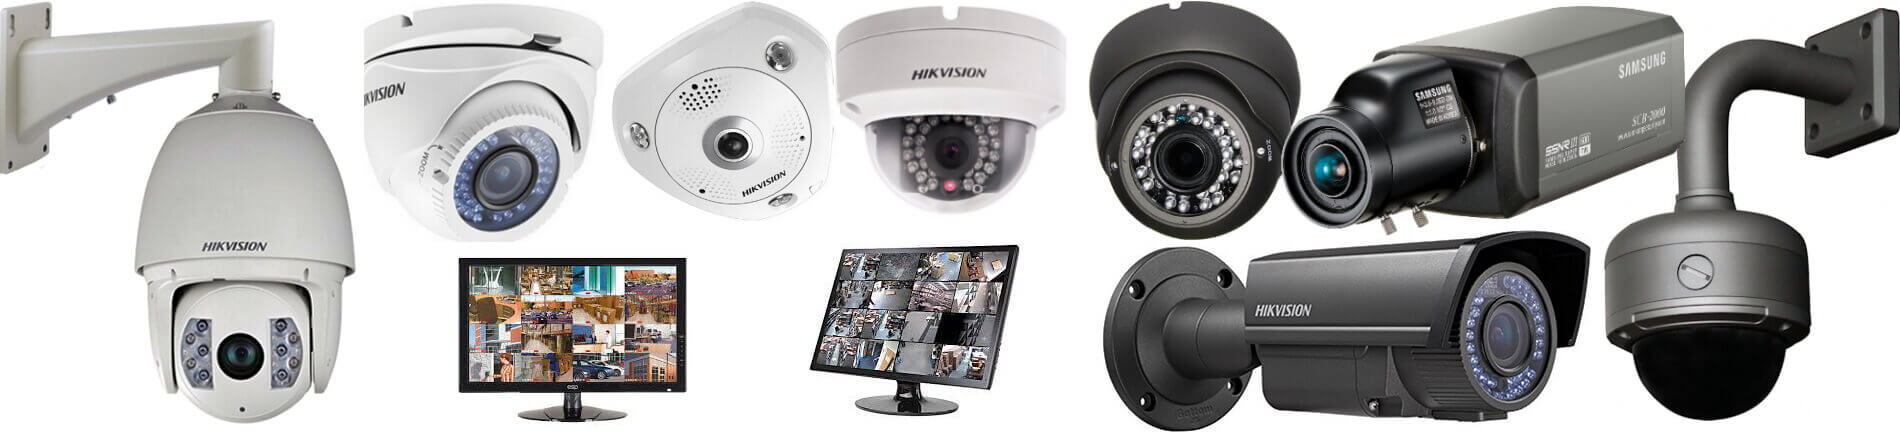 CCTV CCTV dubai - cctv - CCTV Dubai UAE | CCTV Security Camera Dubai | CCTV Company in Dubai